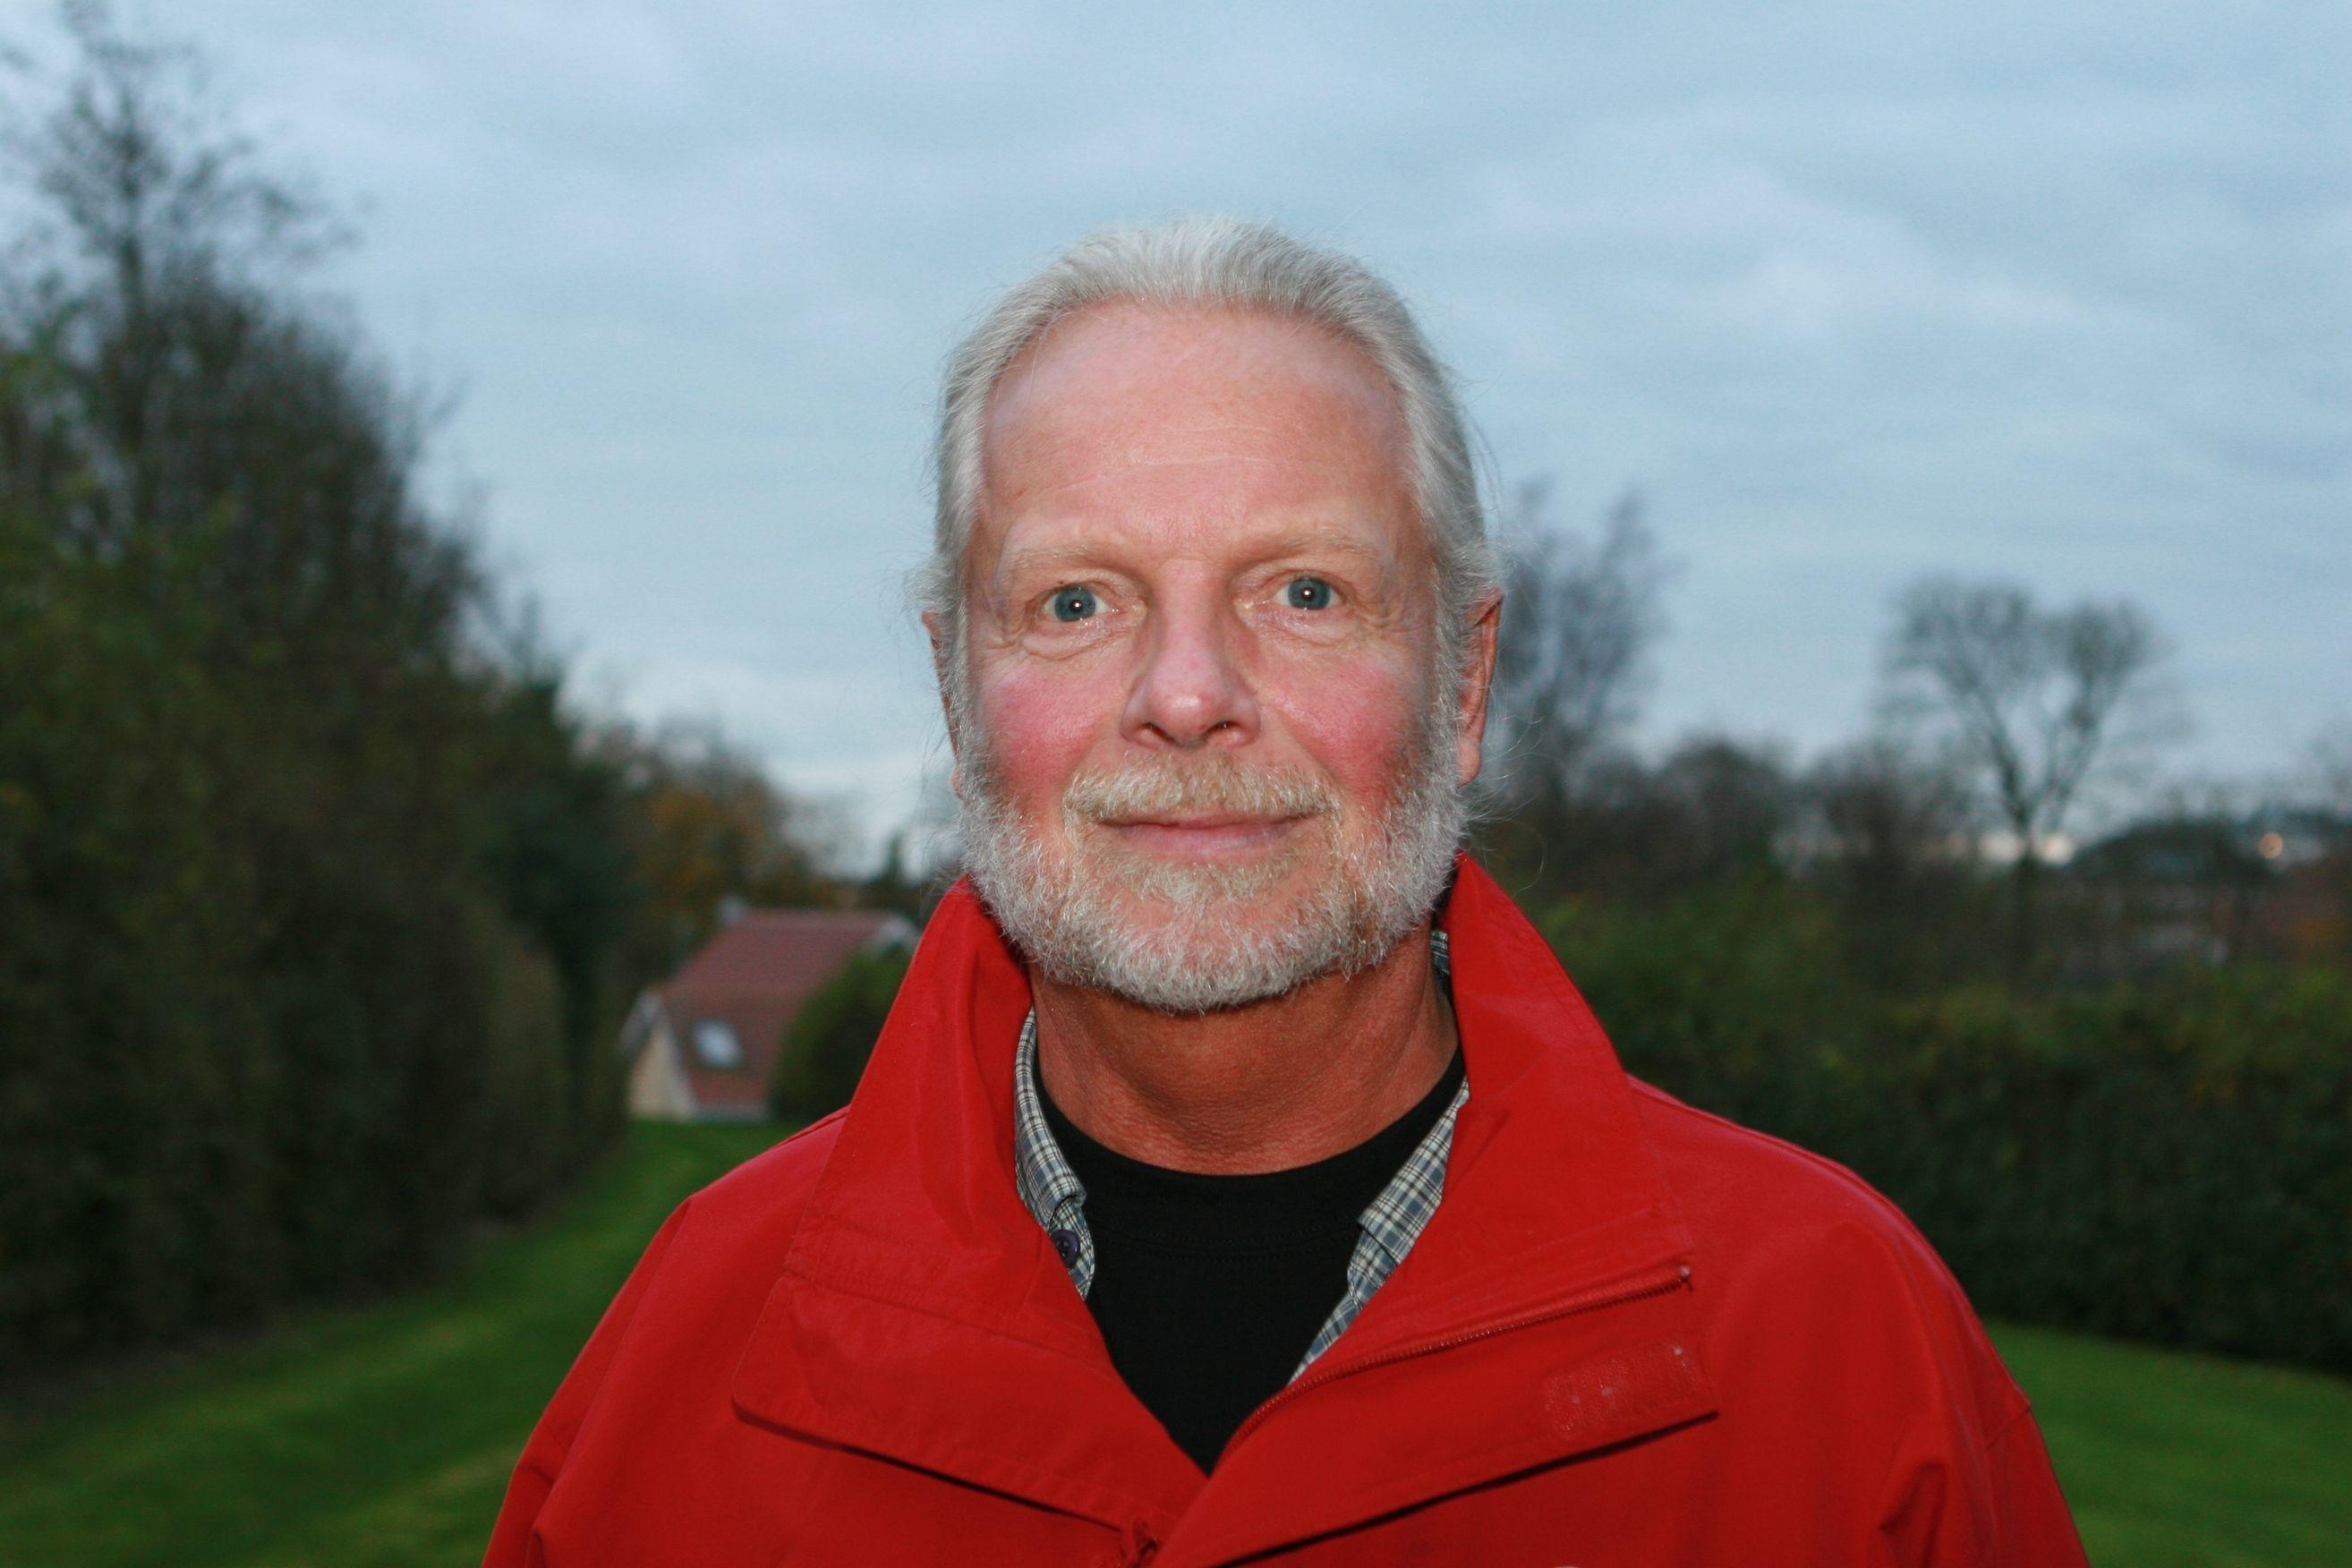 Formand for Aars Billardklub, Mikael Toft, er fortrøstningsfuld trods udsættelse af både DM og klub-jubilæum.